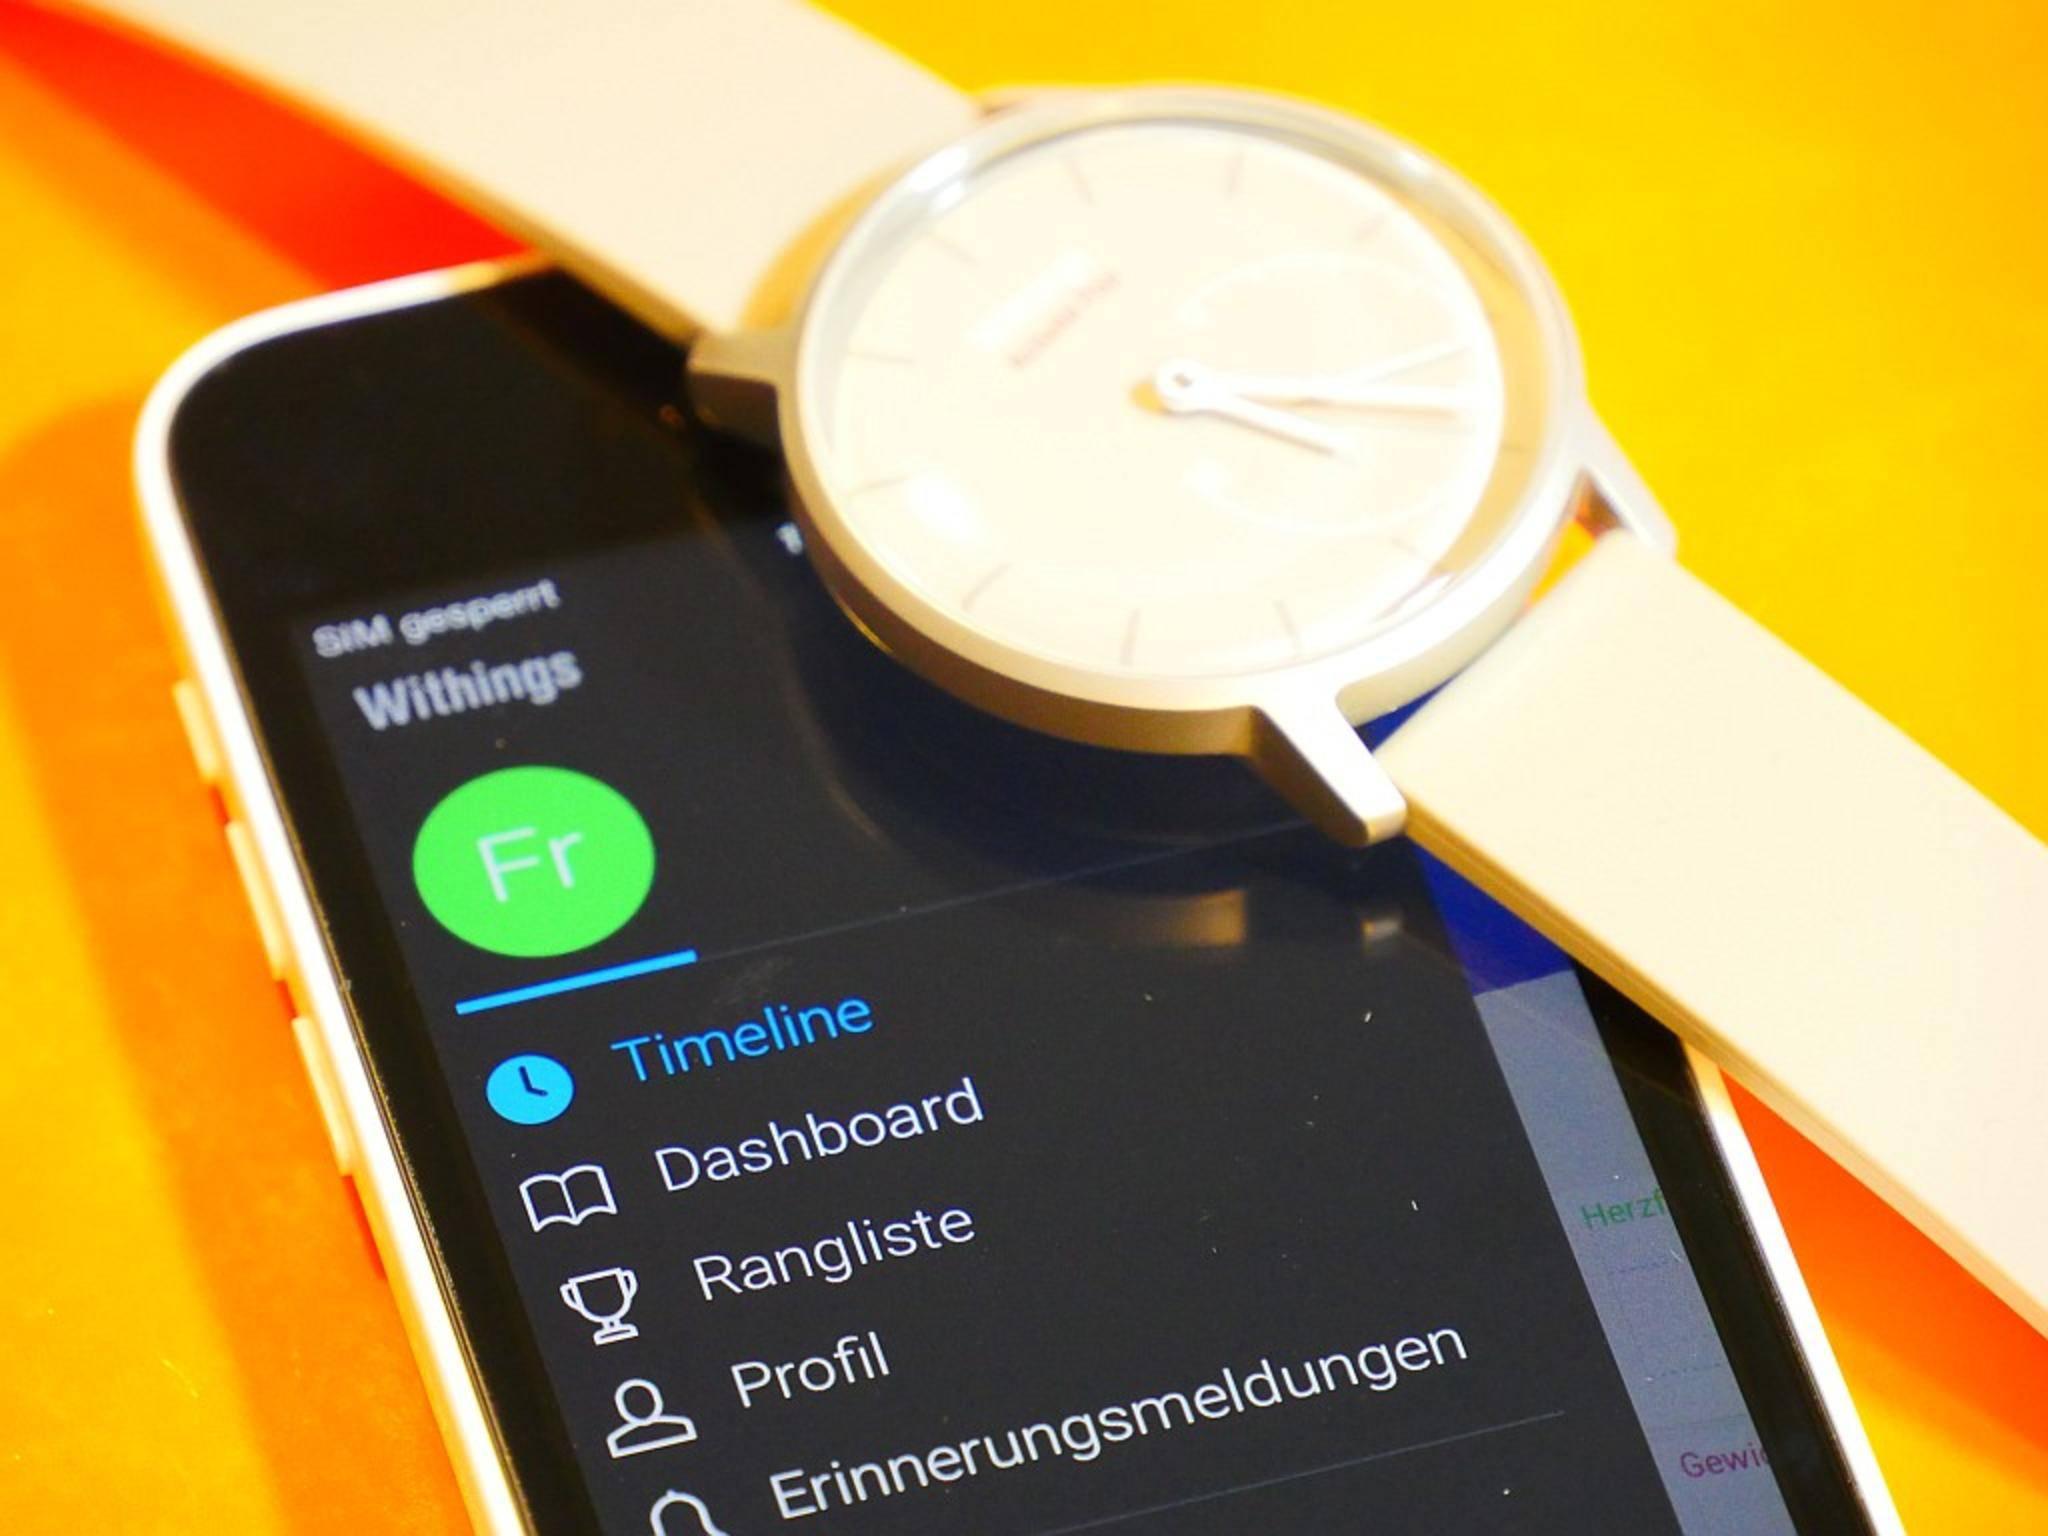 Demnächst unter neuem Namen: Withings-Produkte laufen ab dem Frühsommer 2017 unter dem Markennamen Nokia.